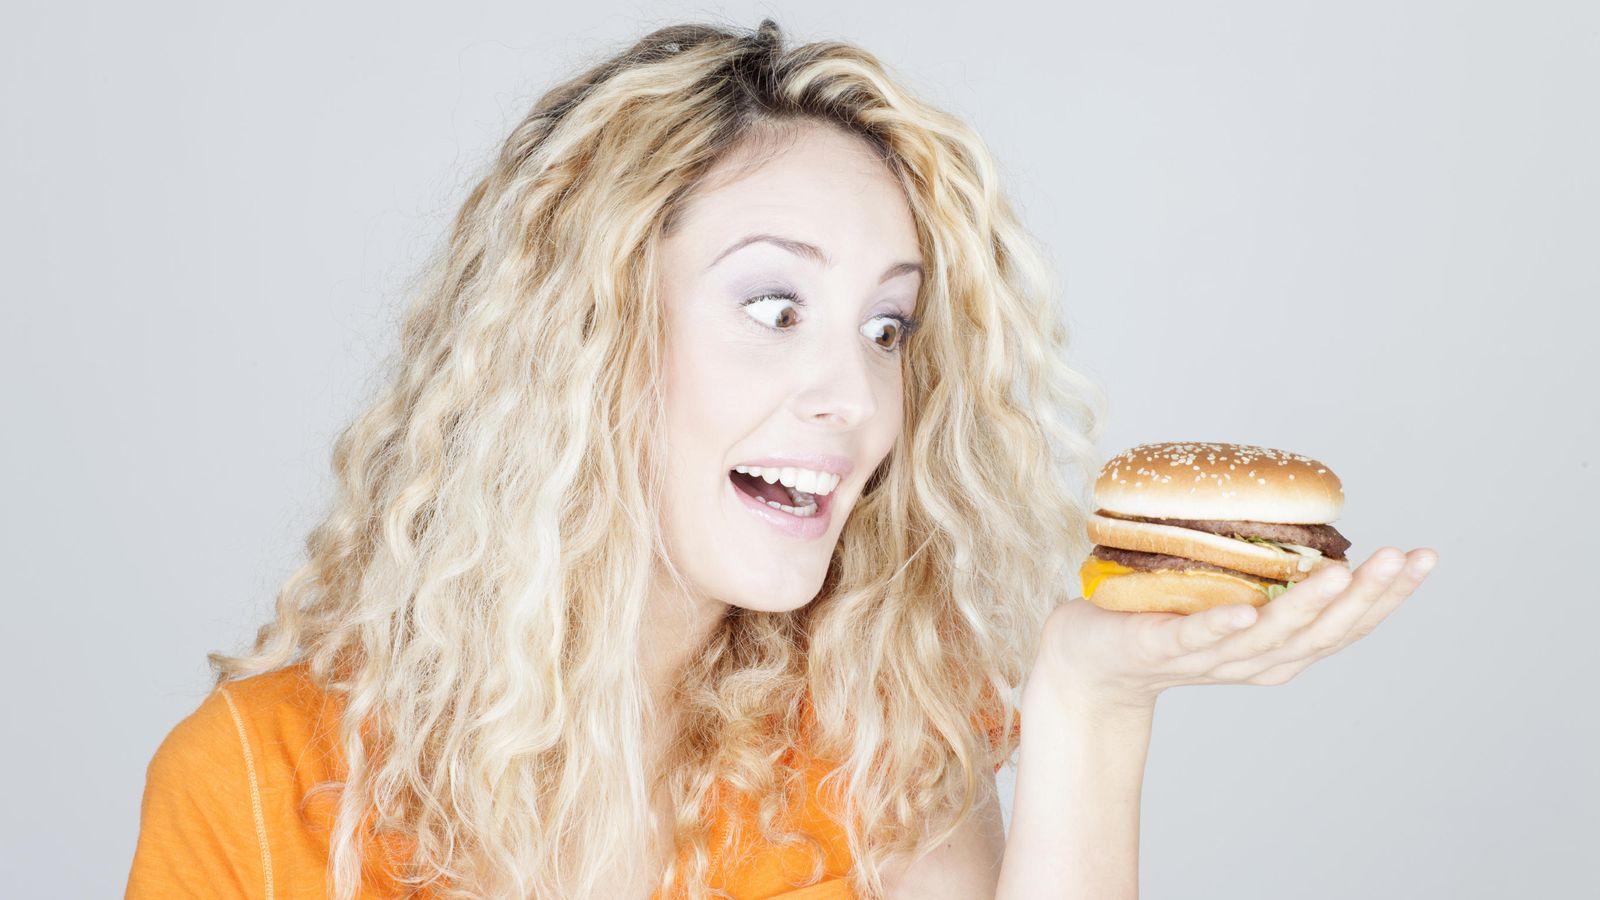 Nutrición  Lo que pasa en tu cuerpo cuando comes una hamburguesa. Y ... 85763874d205